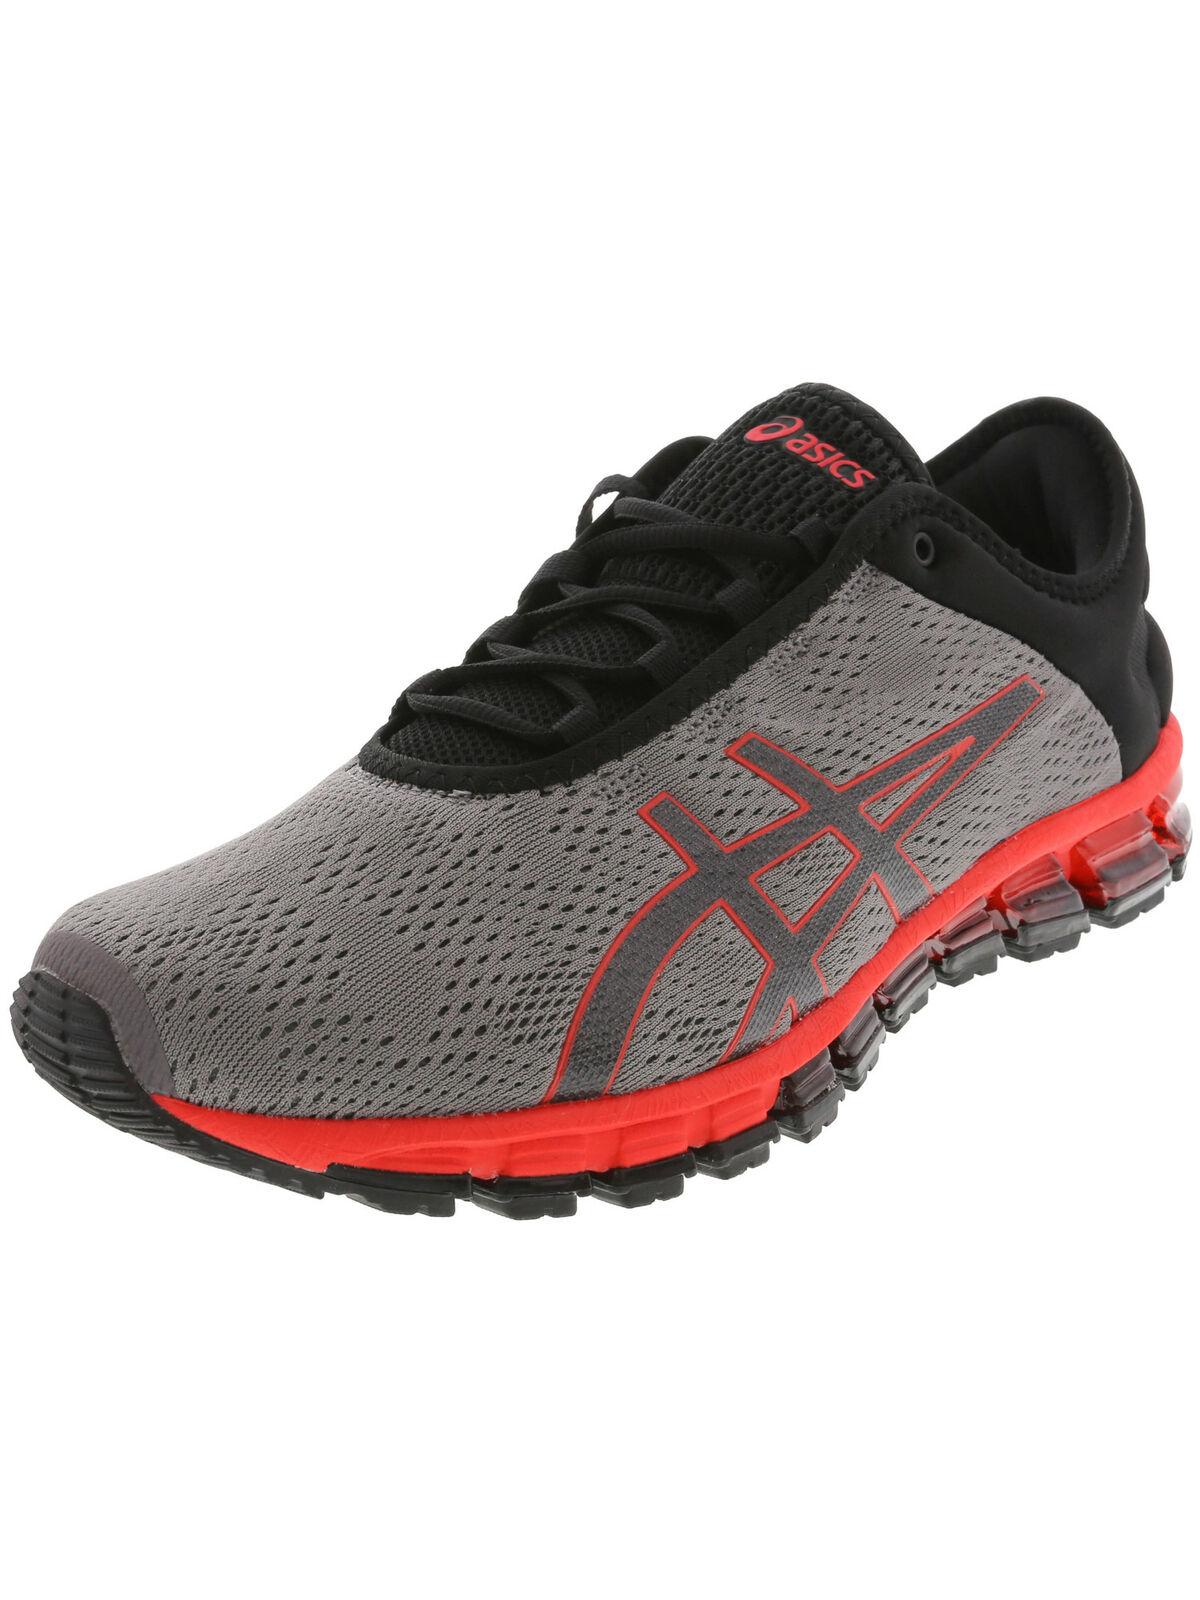 Asics Gel Gel Gel - Quantum 180 3 springaning skor  till lägsta pris